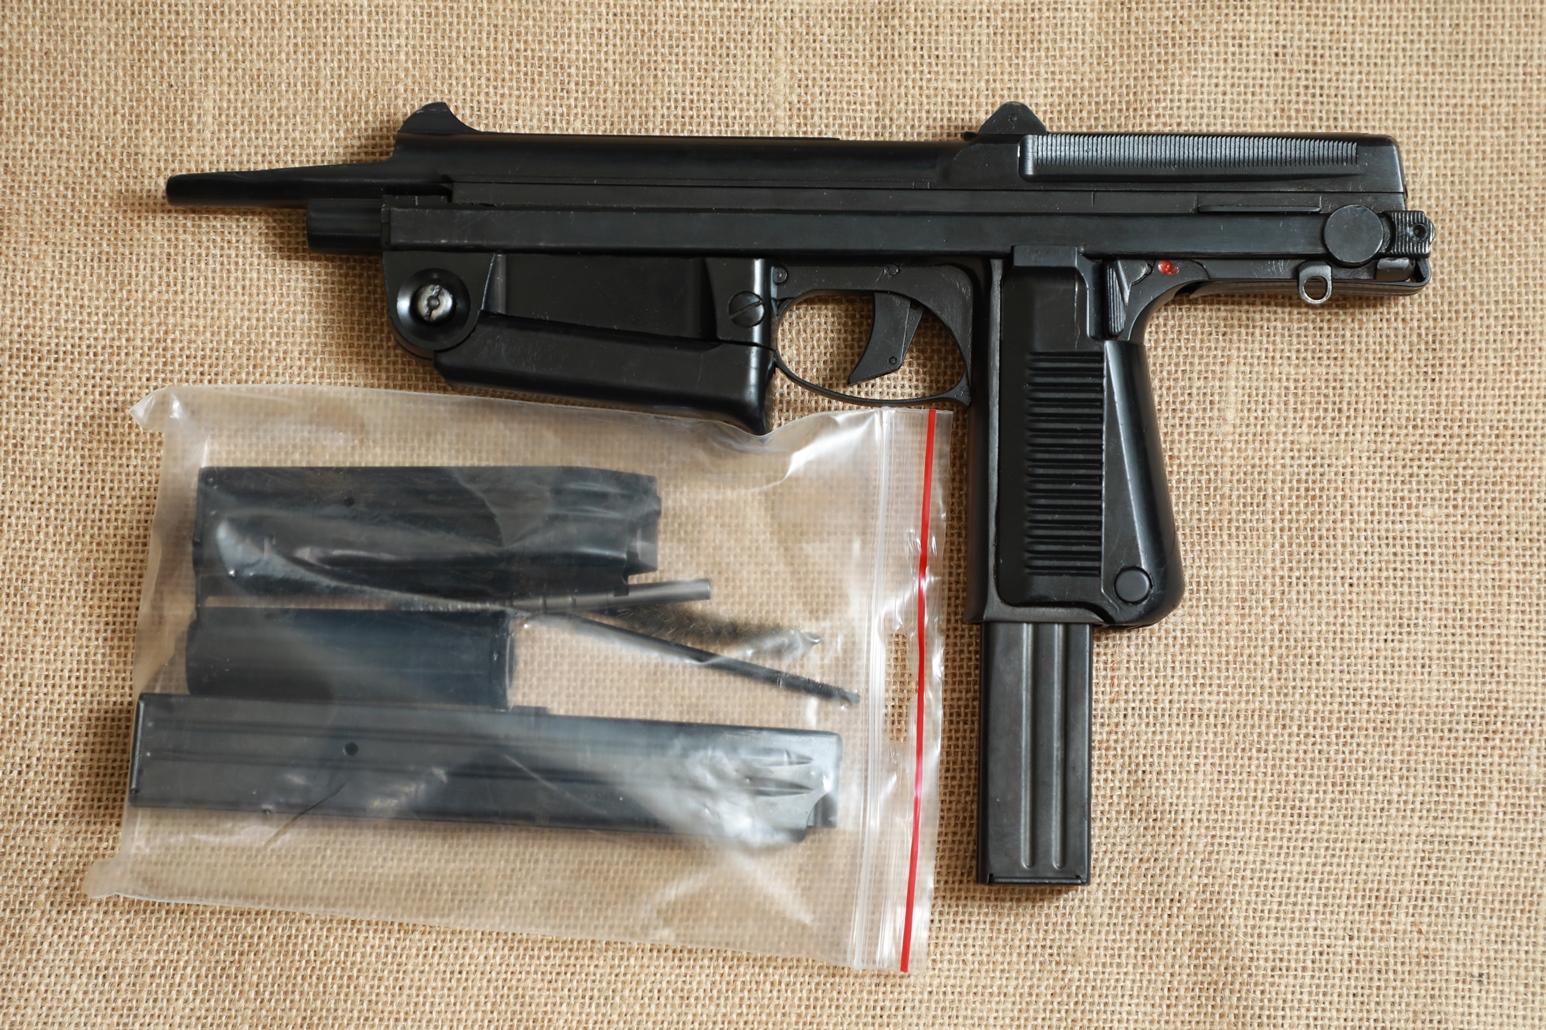 Охолощенный пистолет-пулемет RAK-63 #AM 11353 1969 год, 1 категория